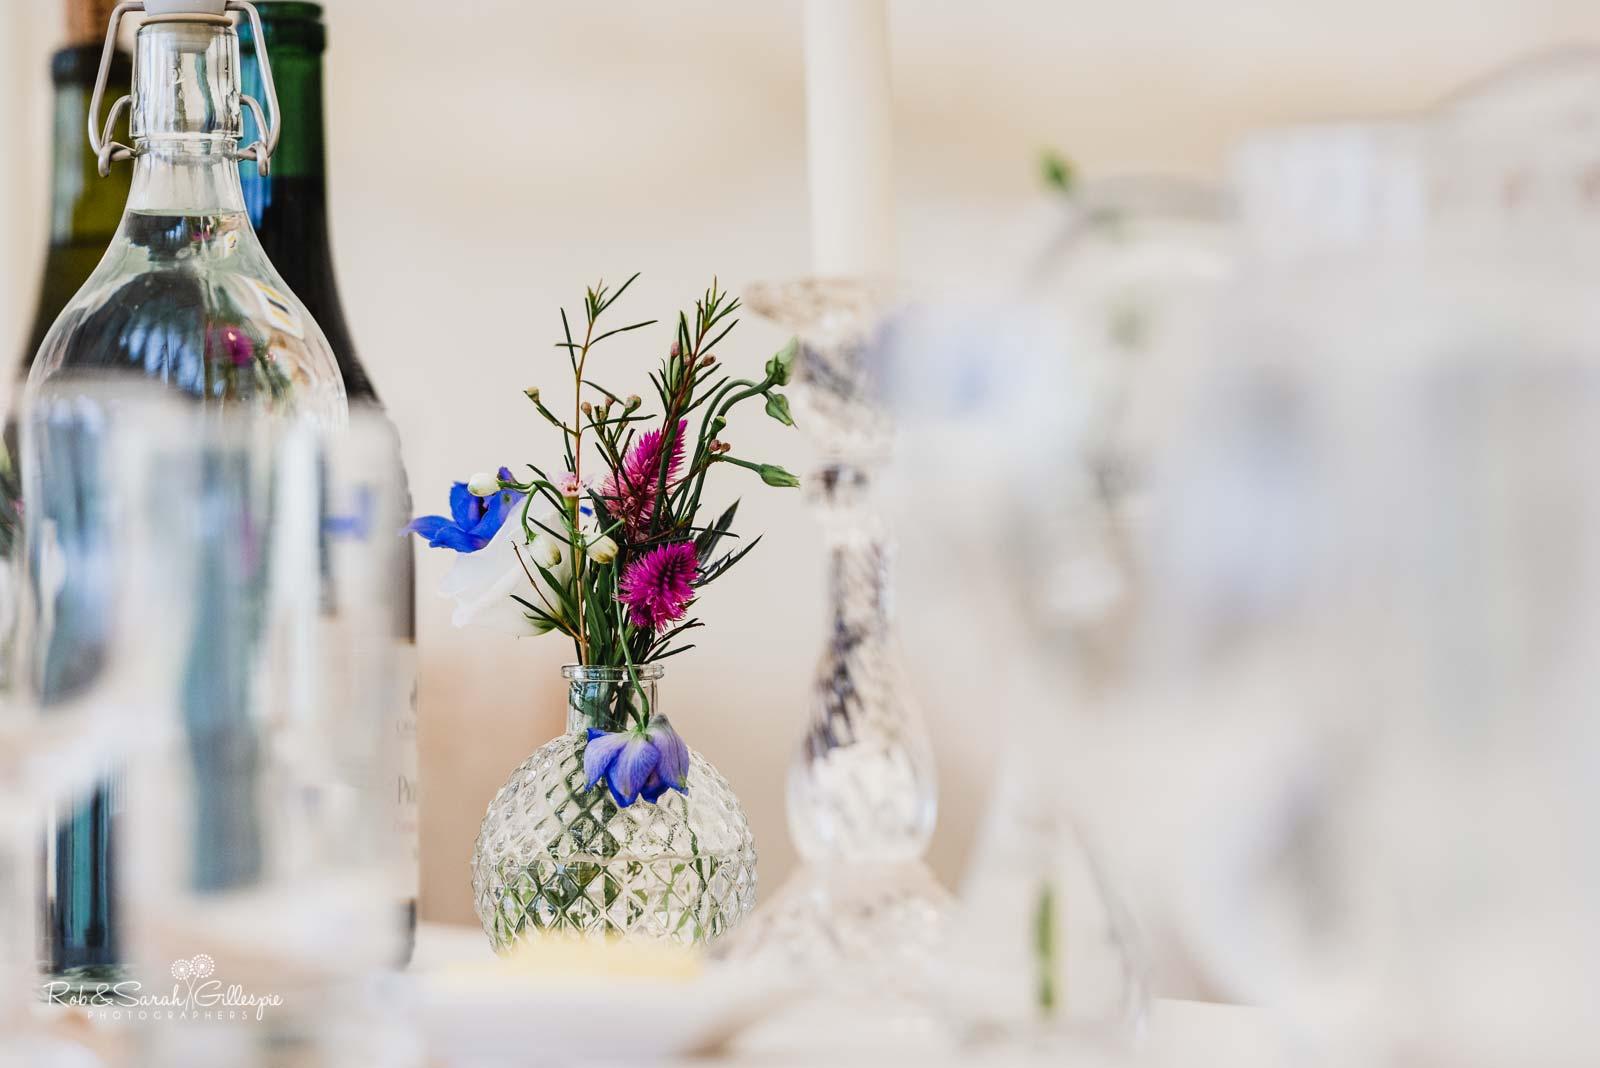 Details at Wethele Manor wedding